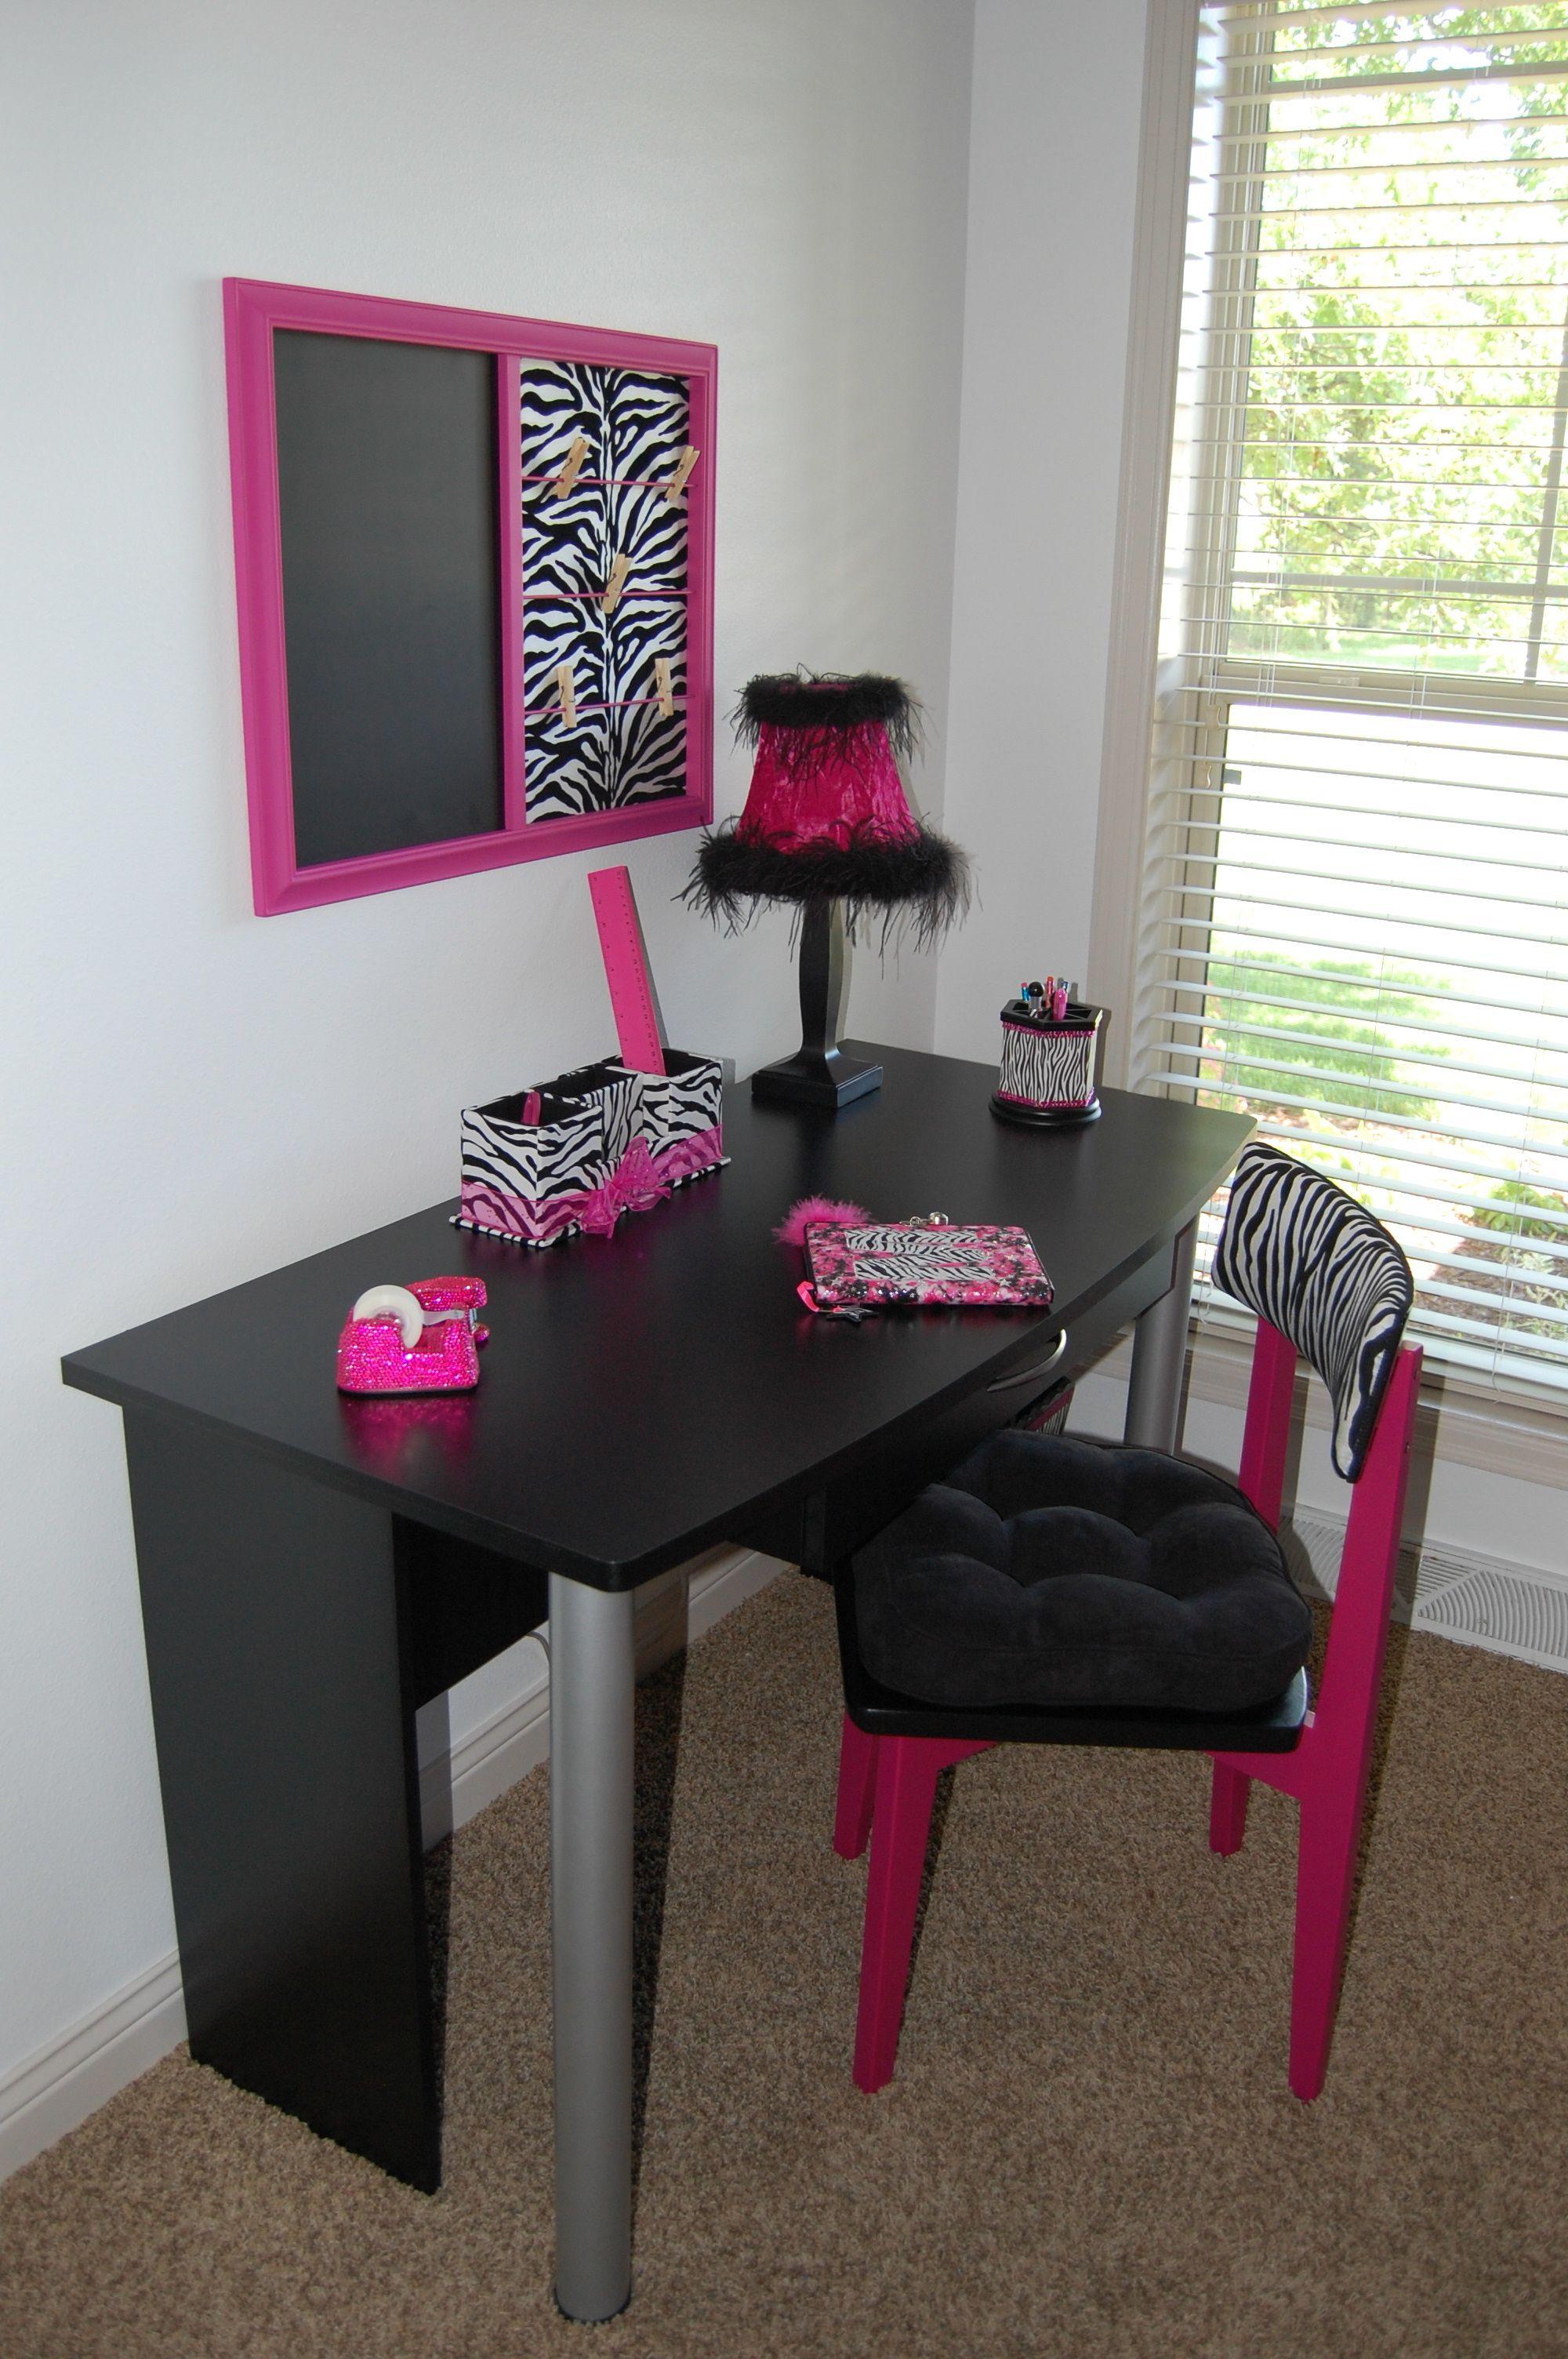 Second Photo Of Zebra Room Re Do More